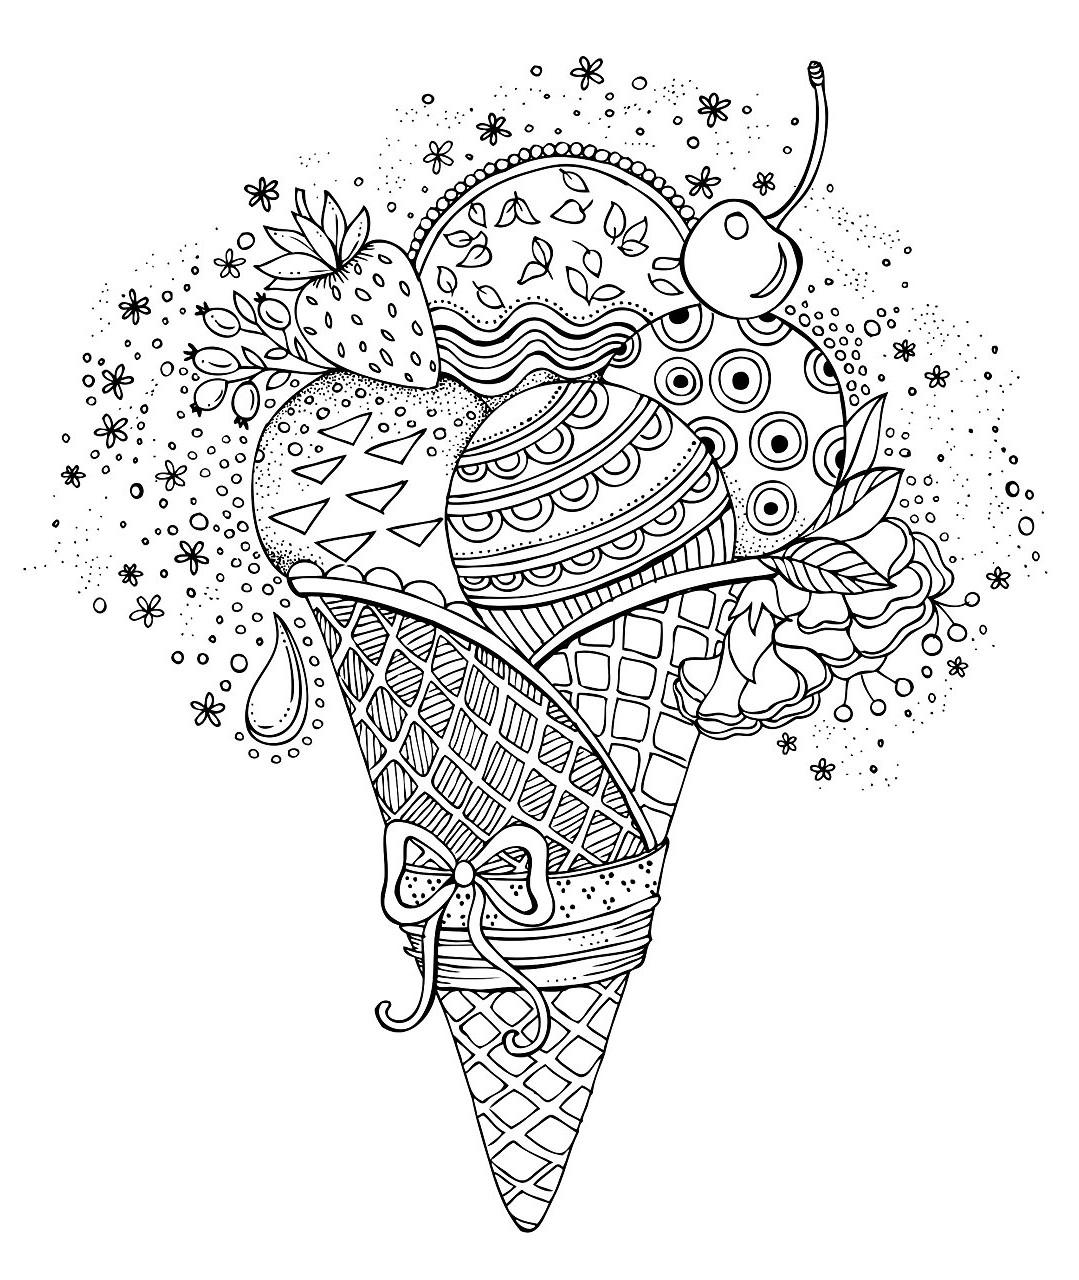 Мороженое рожок с фруктами - Сладости - Раскраски антистресс